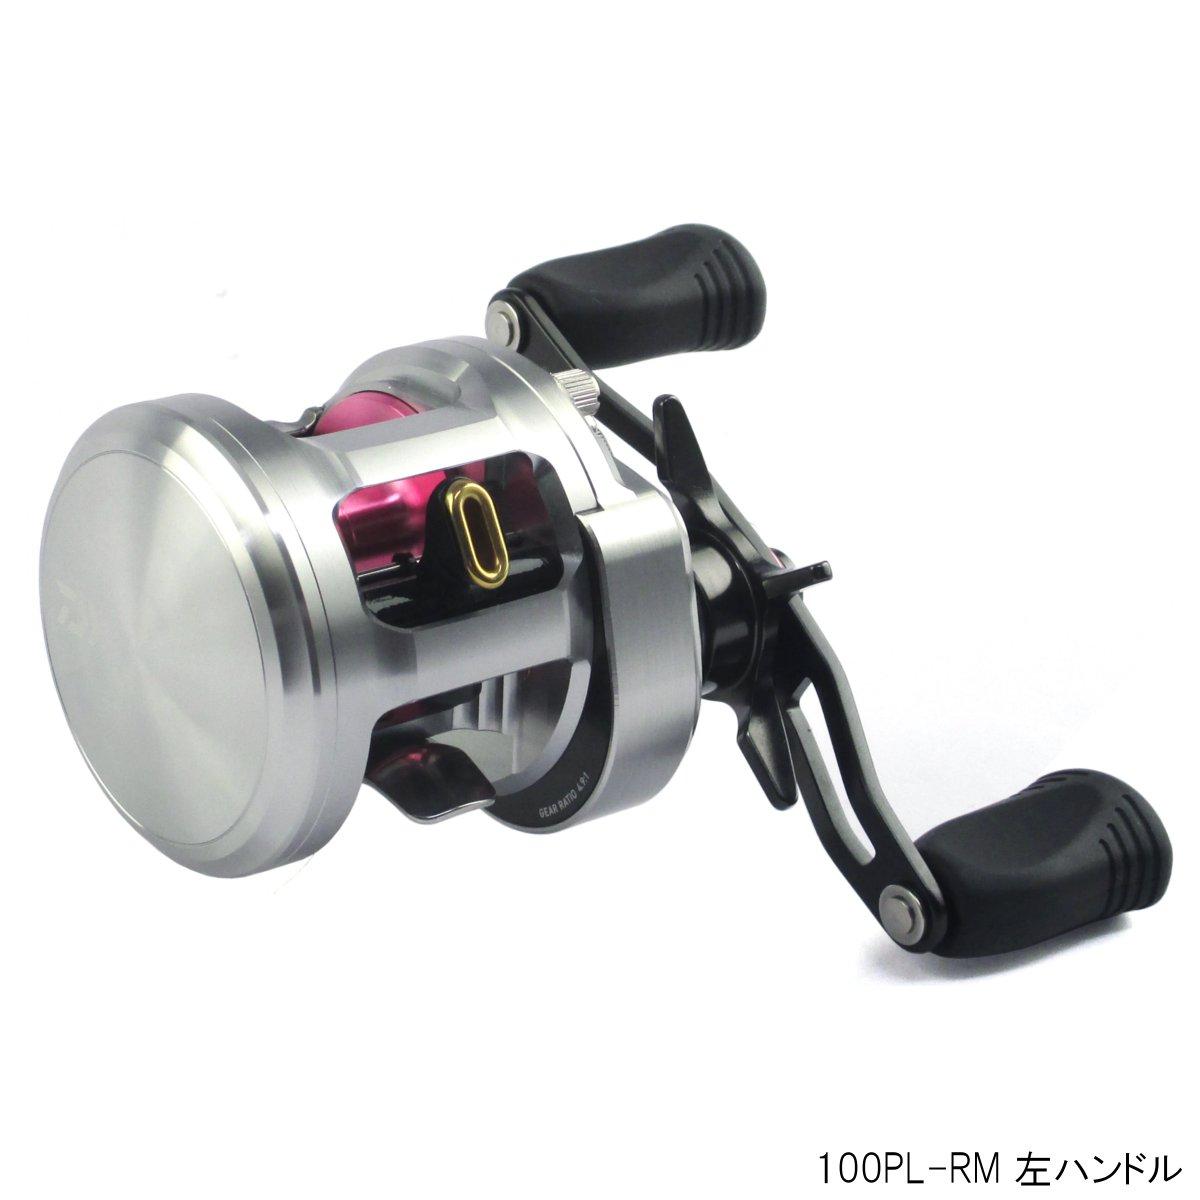 ダイワ キャタリナ BJ 100PL-RM 左ハンドル(東日本店)